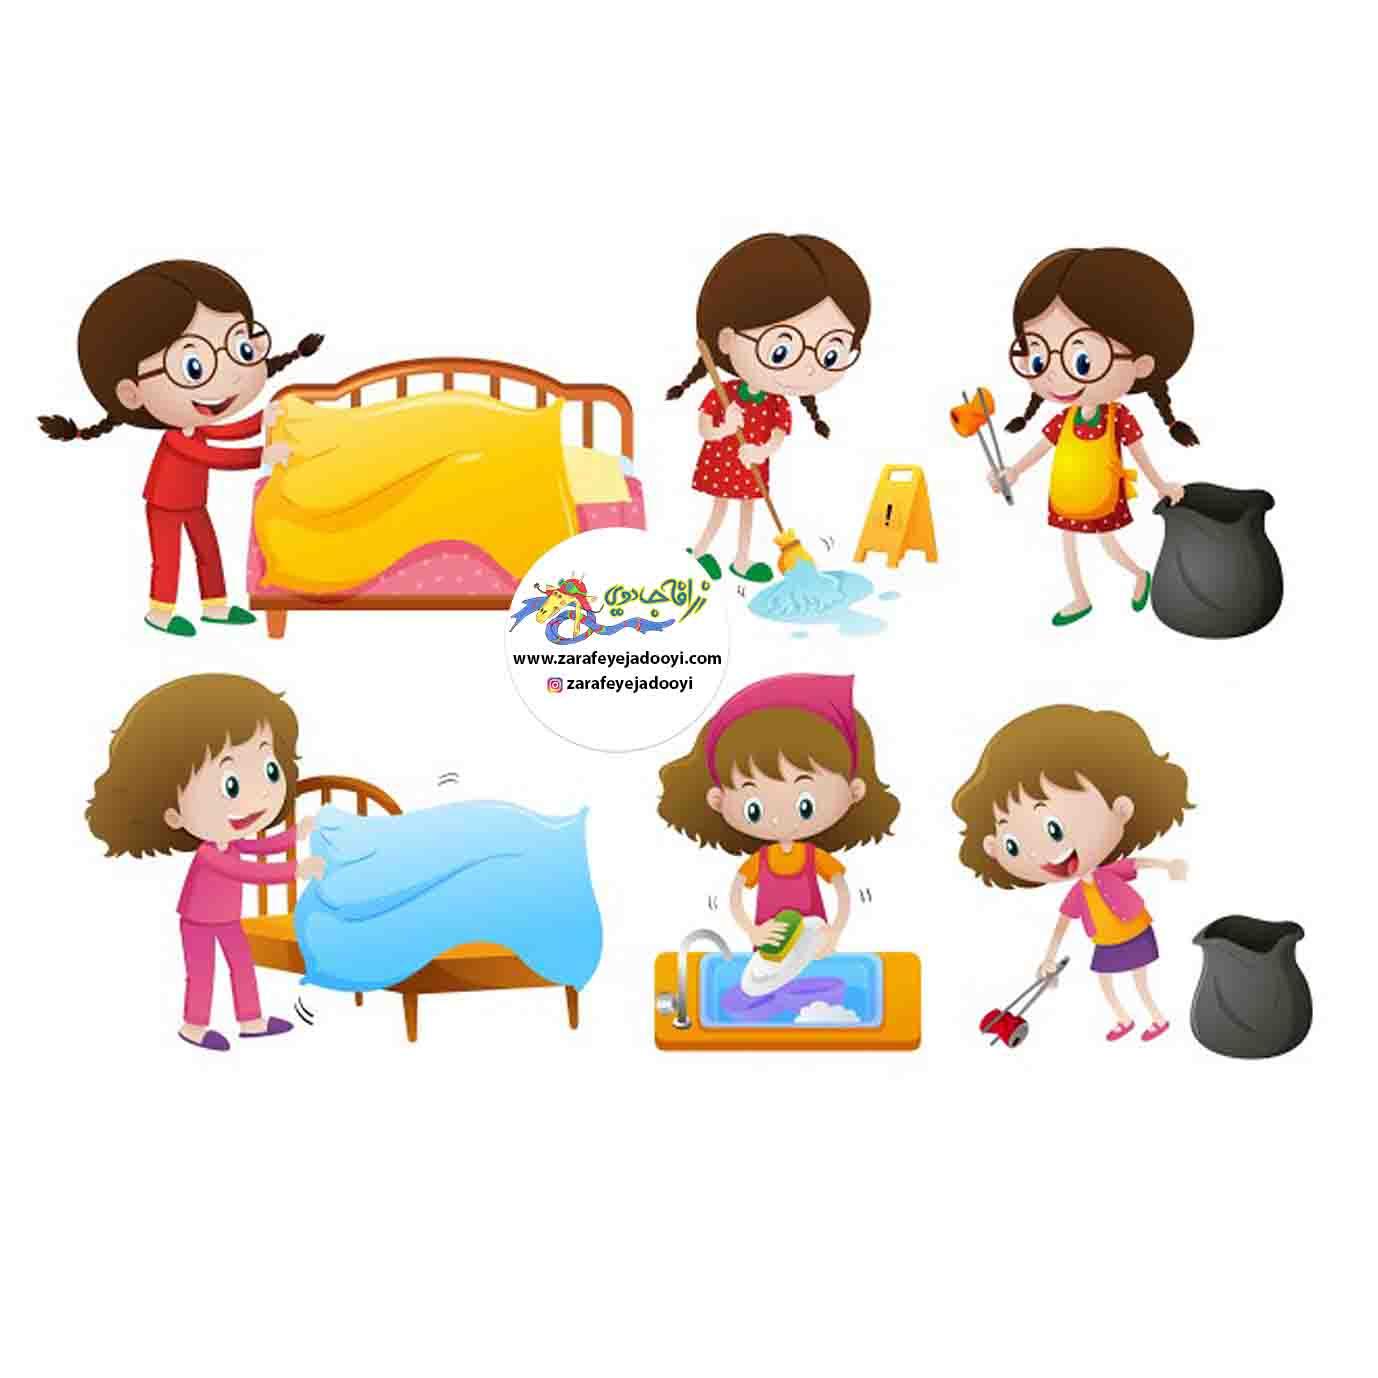 زرافه جادویی - انواع والدین از نظر تربیت